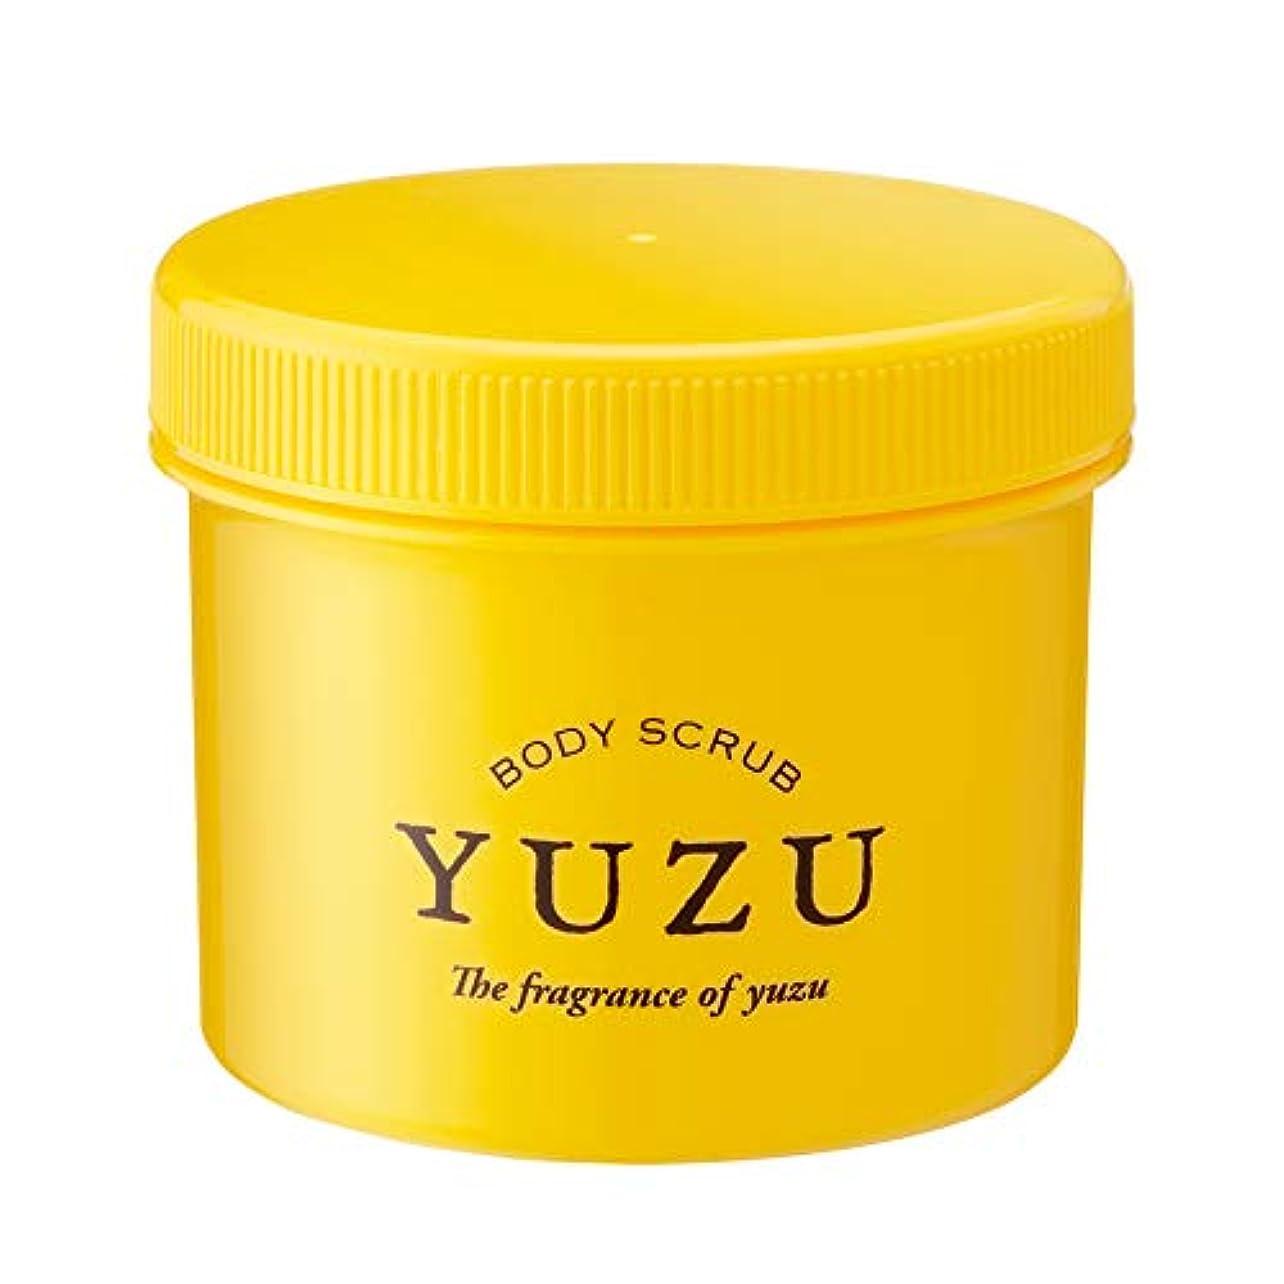 裏切り豊かなファイバ(美健)ビケン YUZU ボディマッサージスクラブ 高知県ゆず精油のみで香り付け